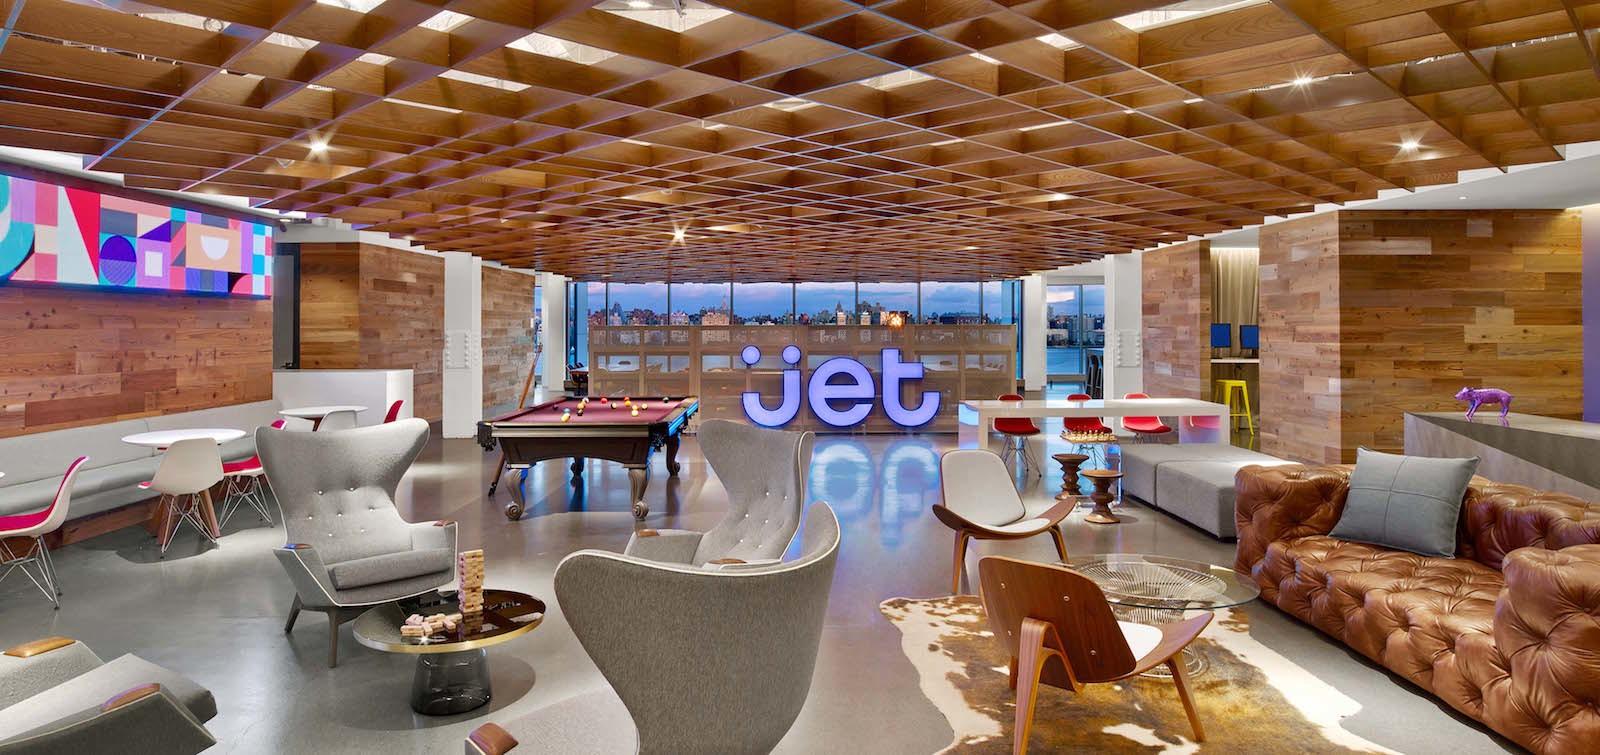 Jetcom Careers